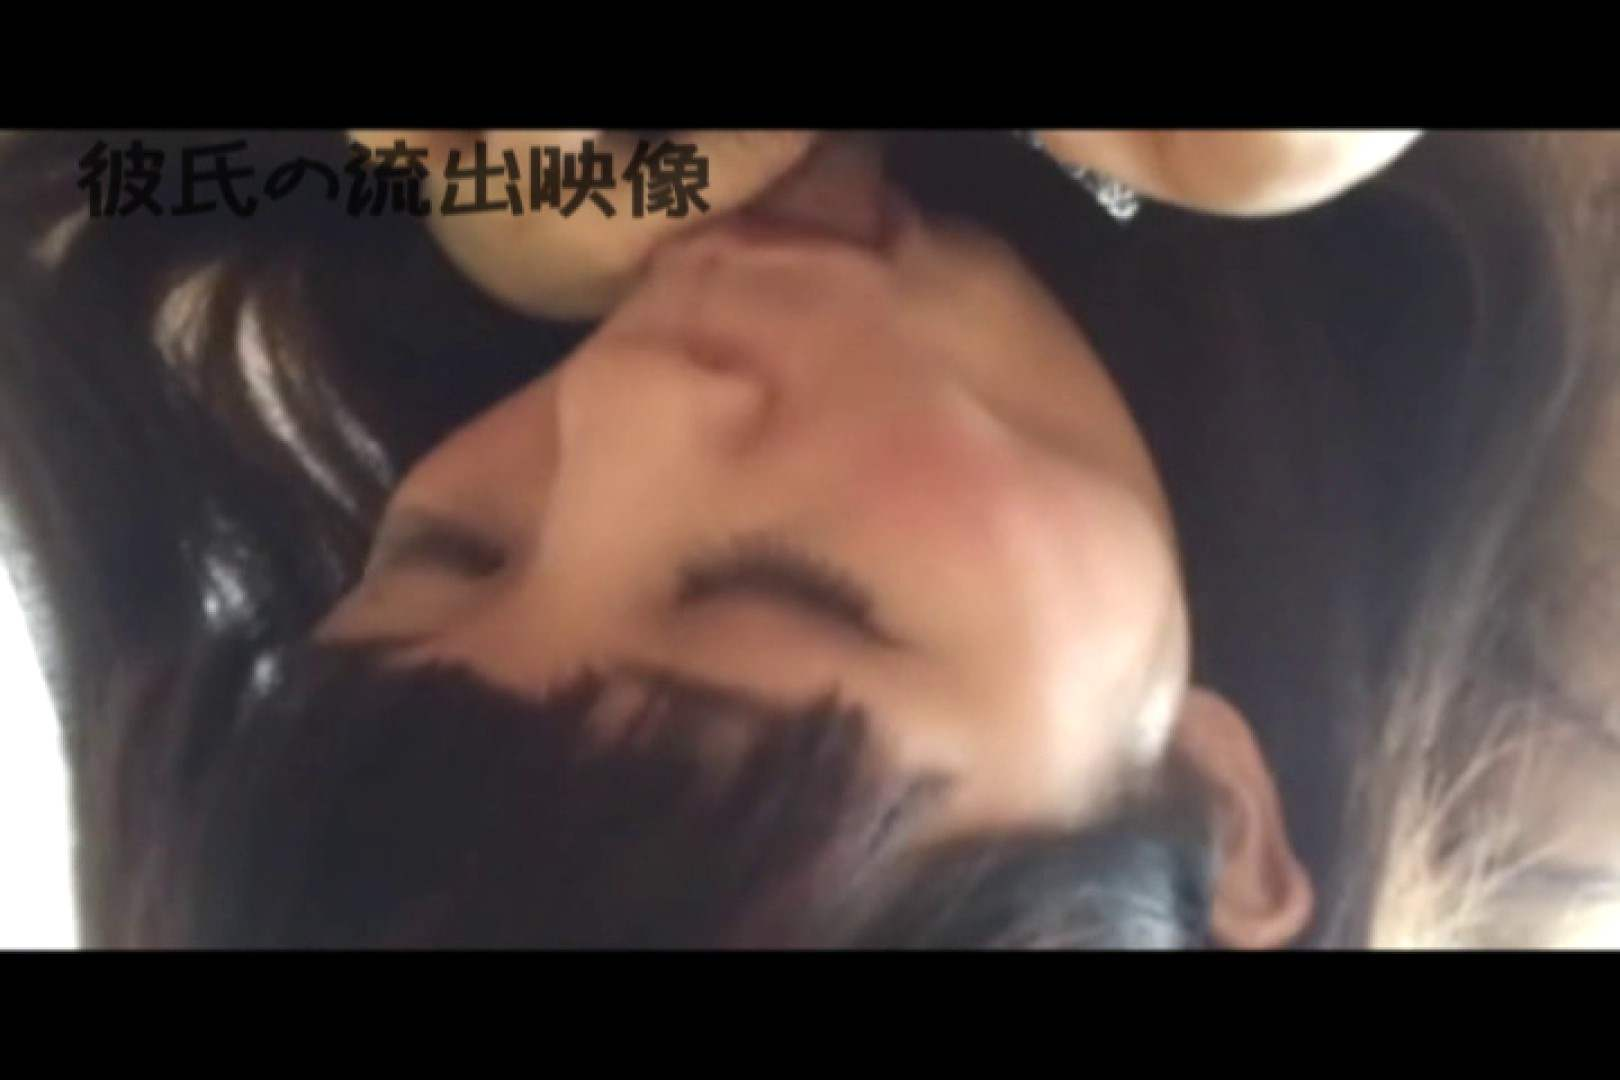 彼氏が流出 パイパン素人嬢のハメ撮り映像03 カップル  36連発 7